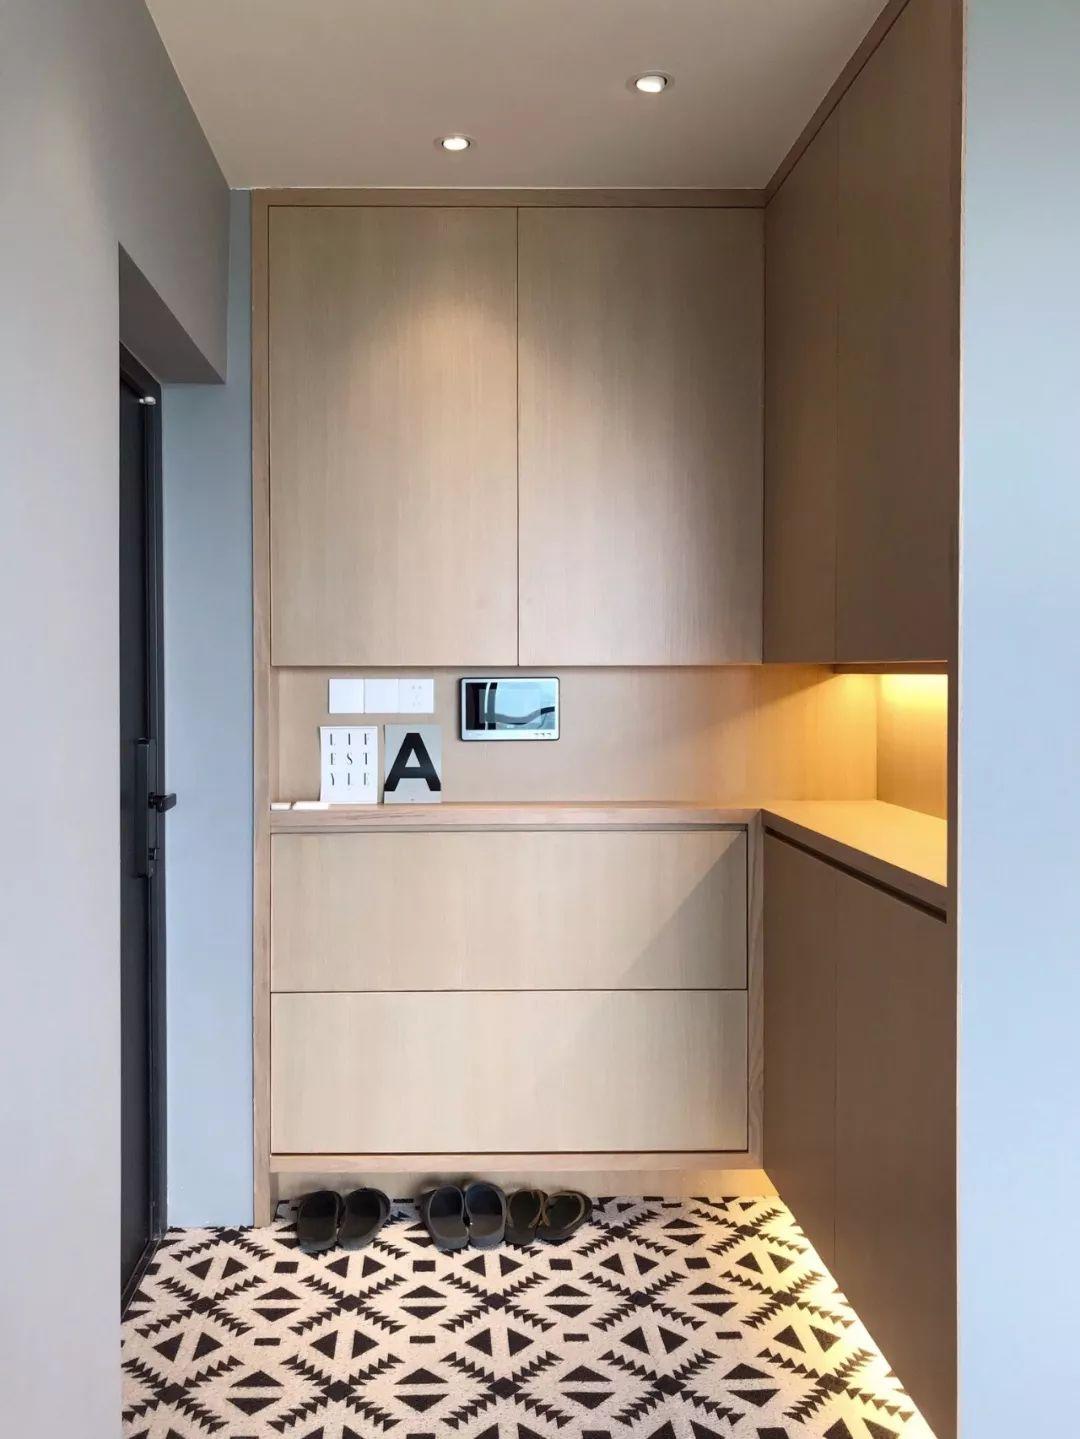 一进门全是鞋!是时候定制个整体鞋柜,让鞋子有个整齐干净的家